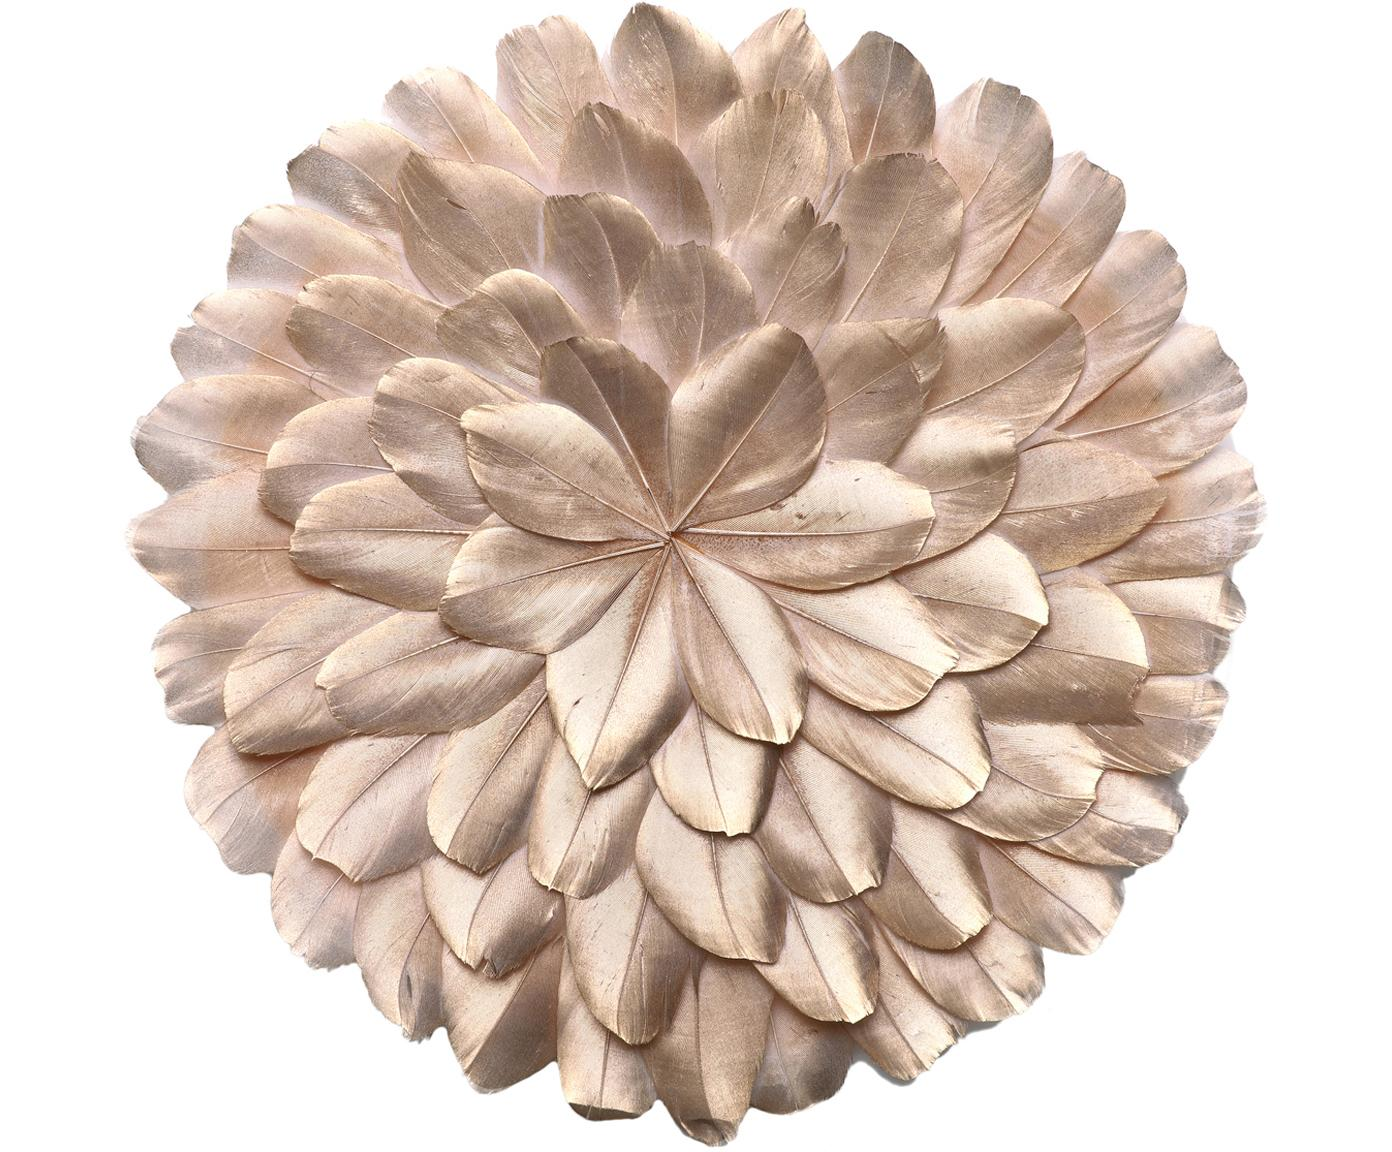 Wandobjecten Juju, 2 stuks, Geverfde veren, Goudkleurig, Ø 25 x D 3 cm